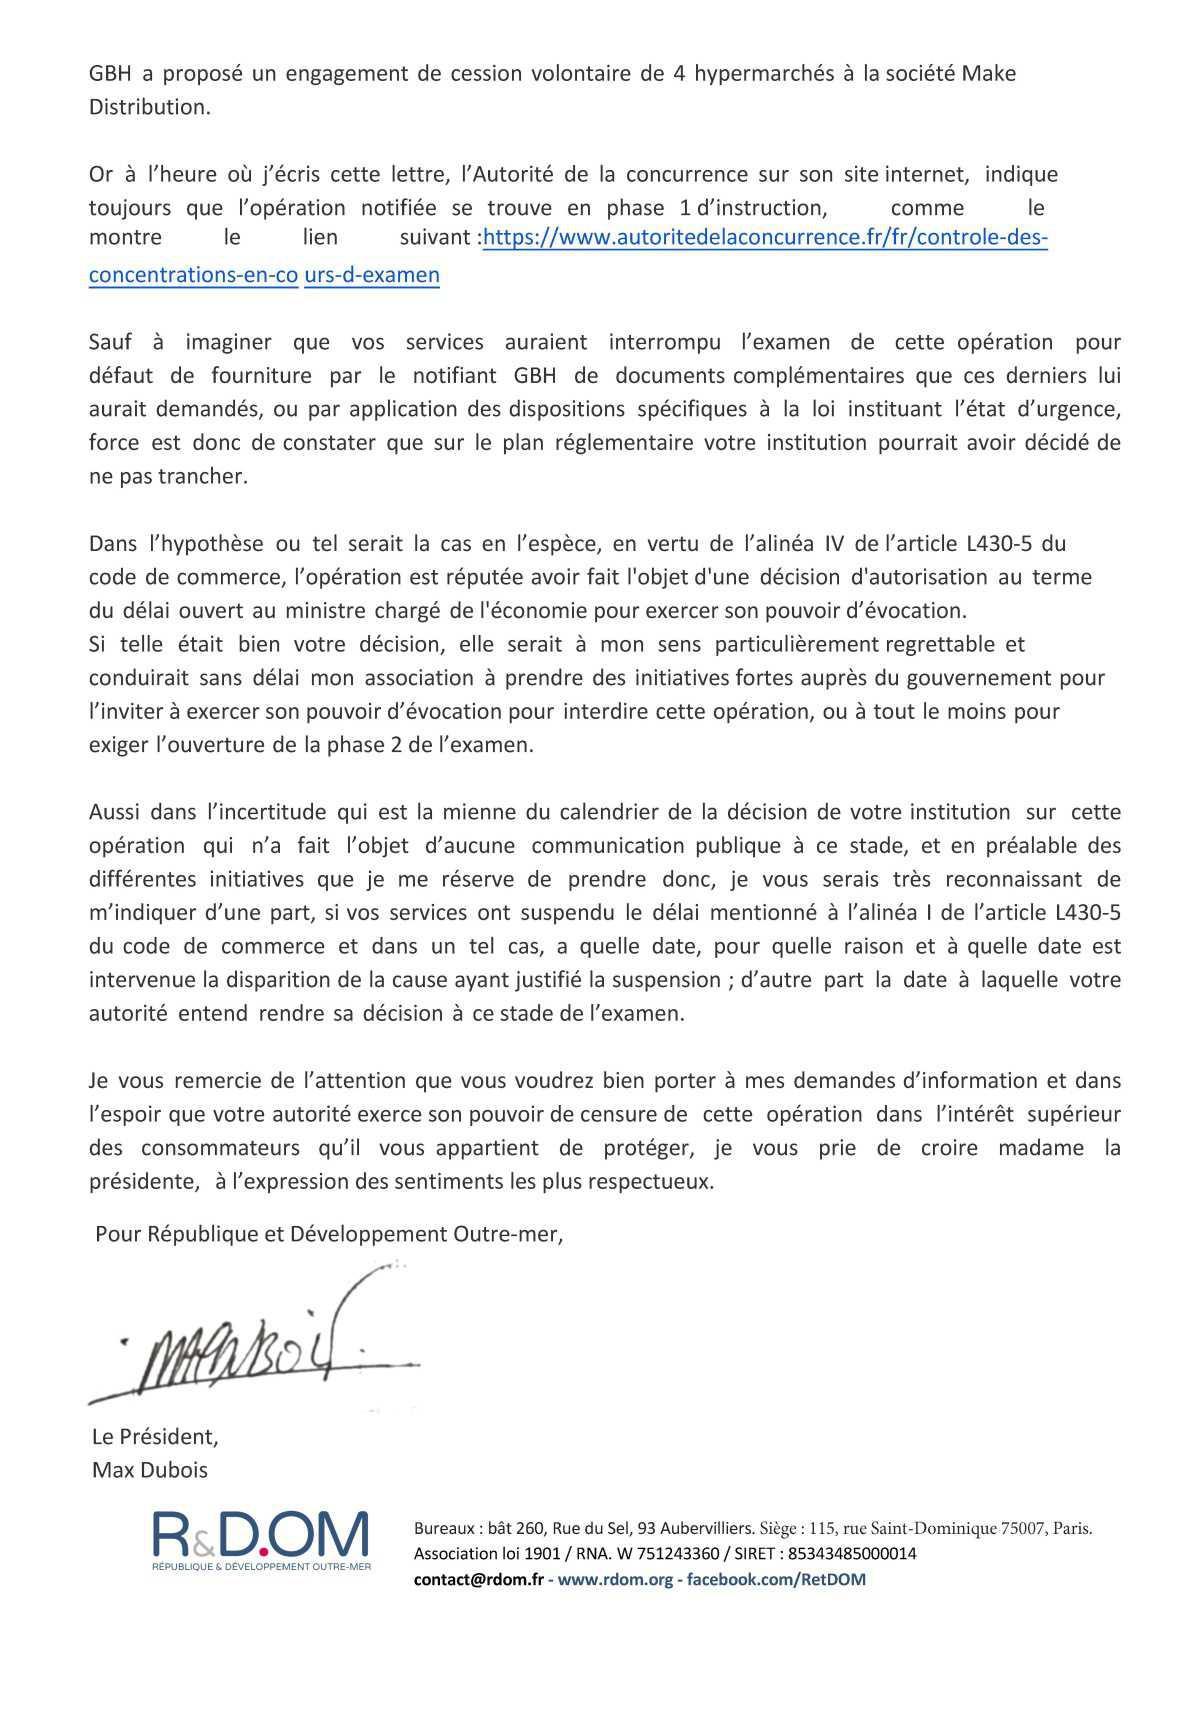 GBH / Vindémia-Casino : Pourquoi R&DOM est opposée à la reprise des magasins Vindémia à la Réunion par GBH ?